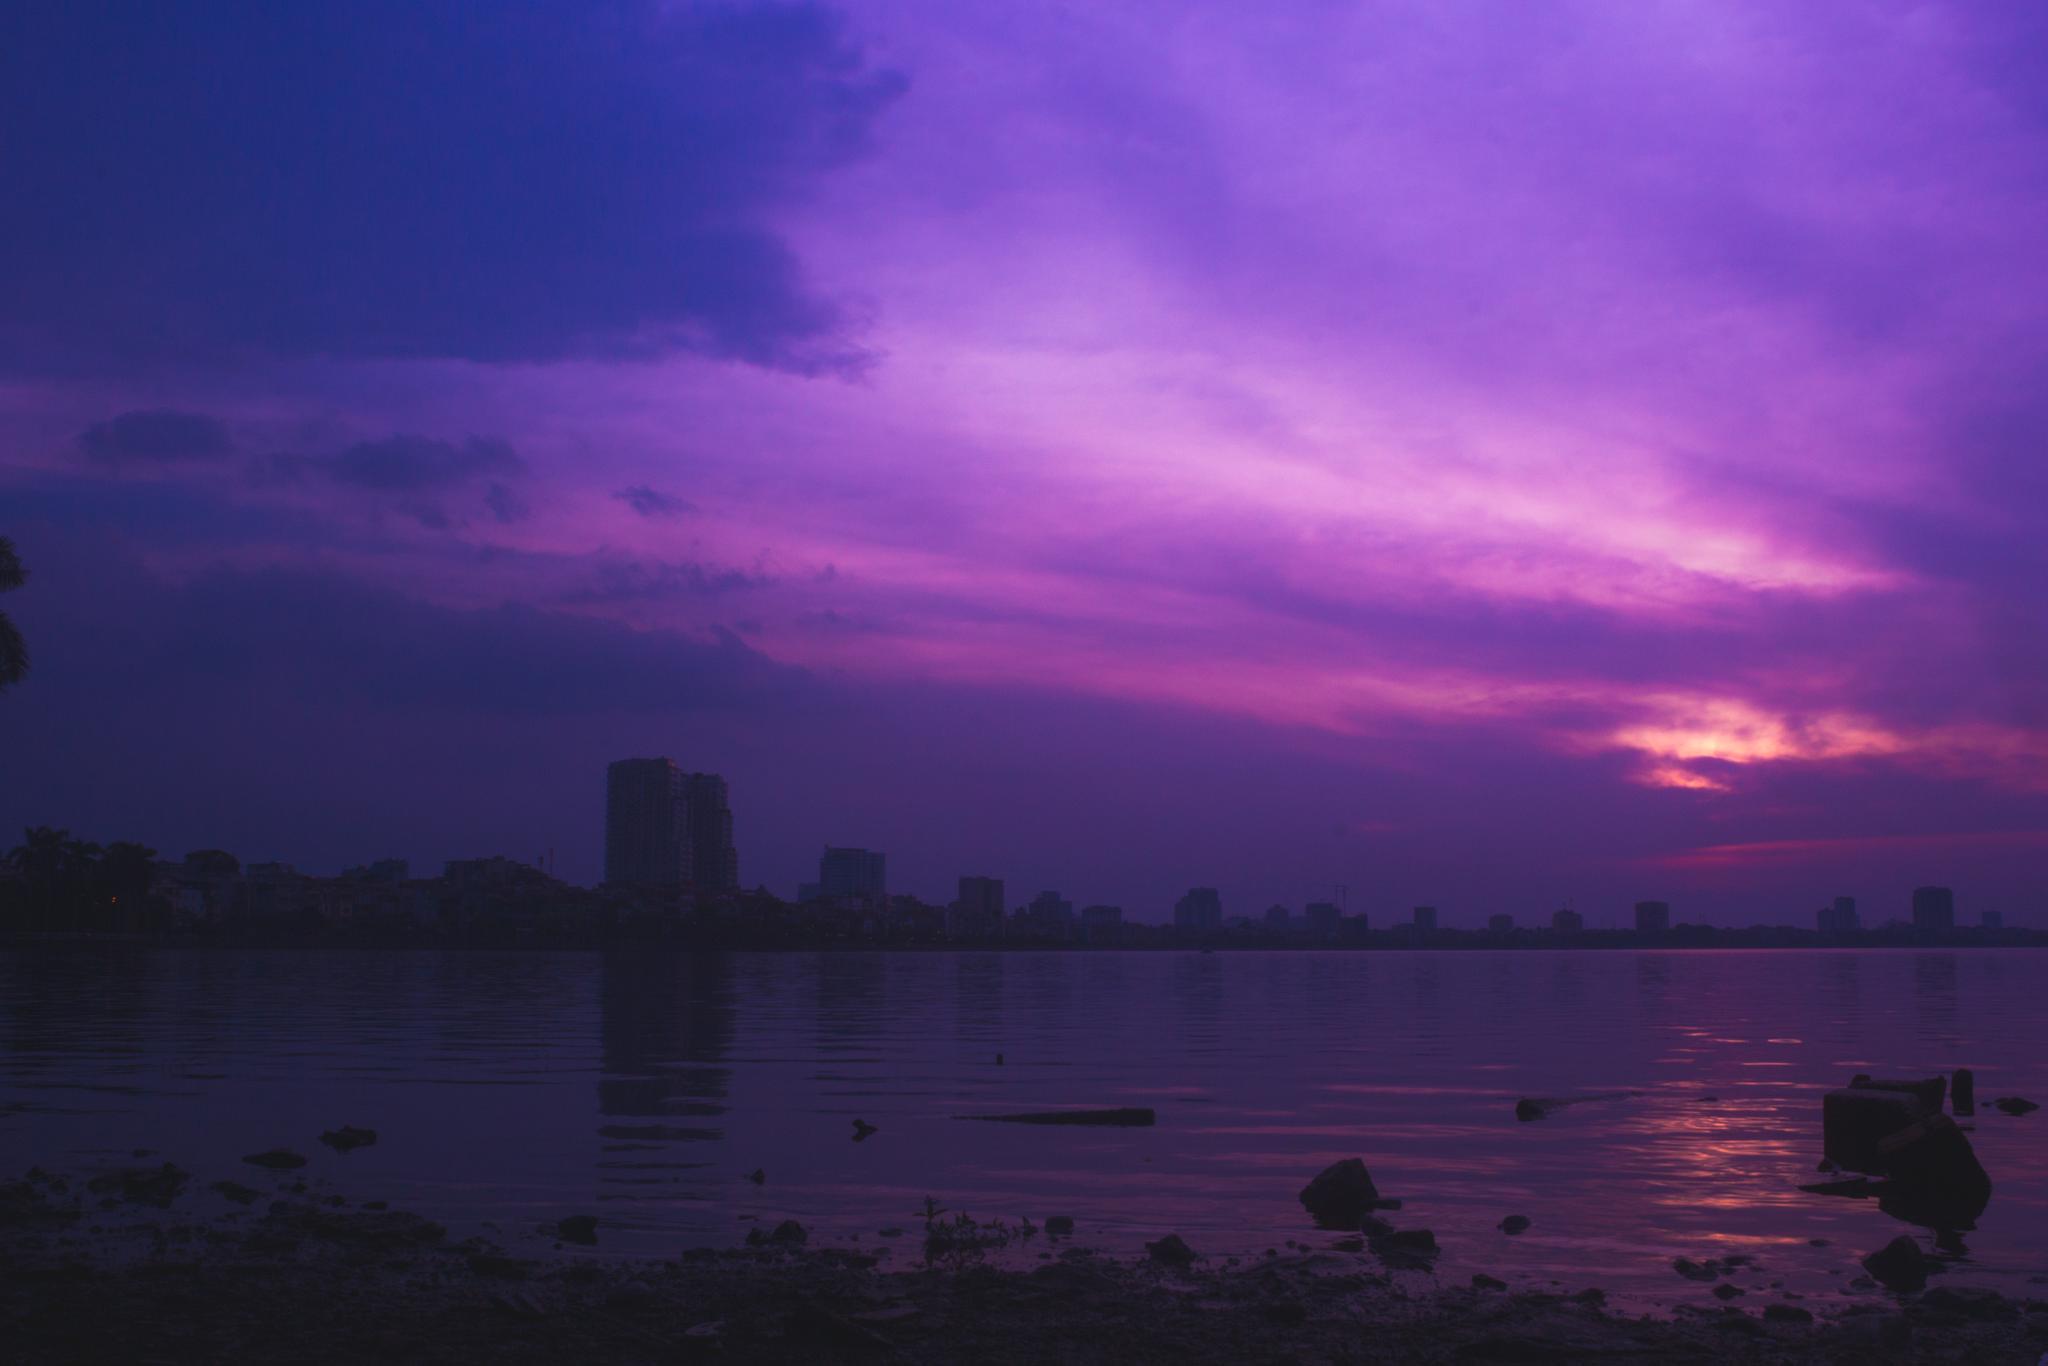 Sky by Huy Pham